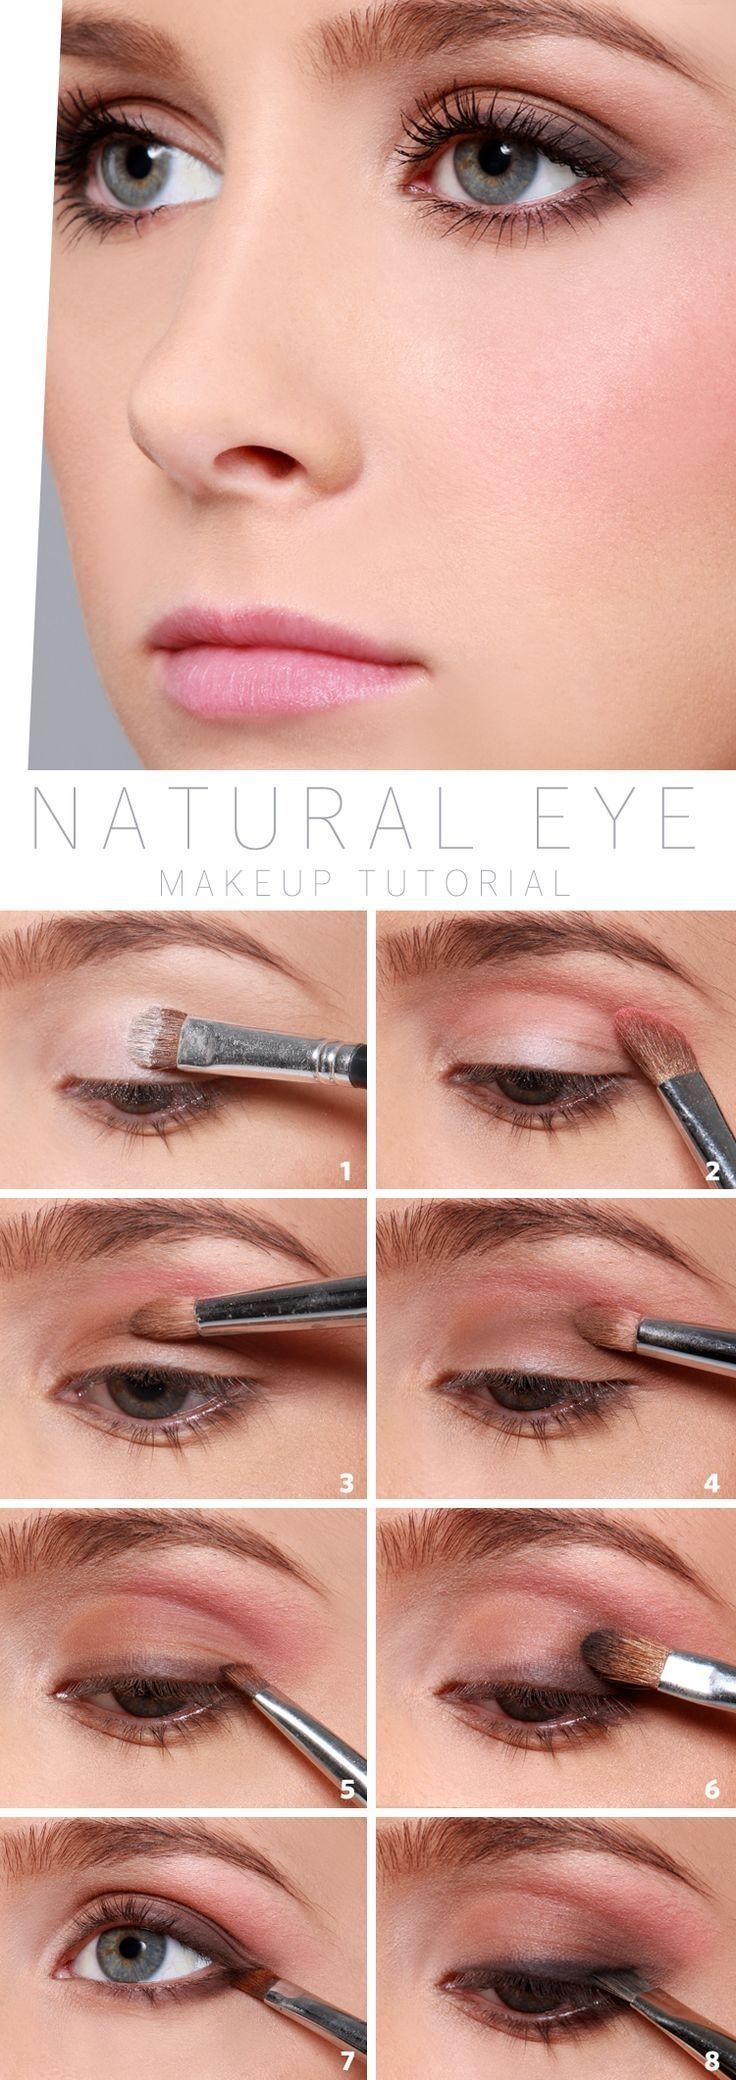 How to Do Natural Eyes | Work Makeup Tips by Makeup Tutorials at | Makeup Tutori...